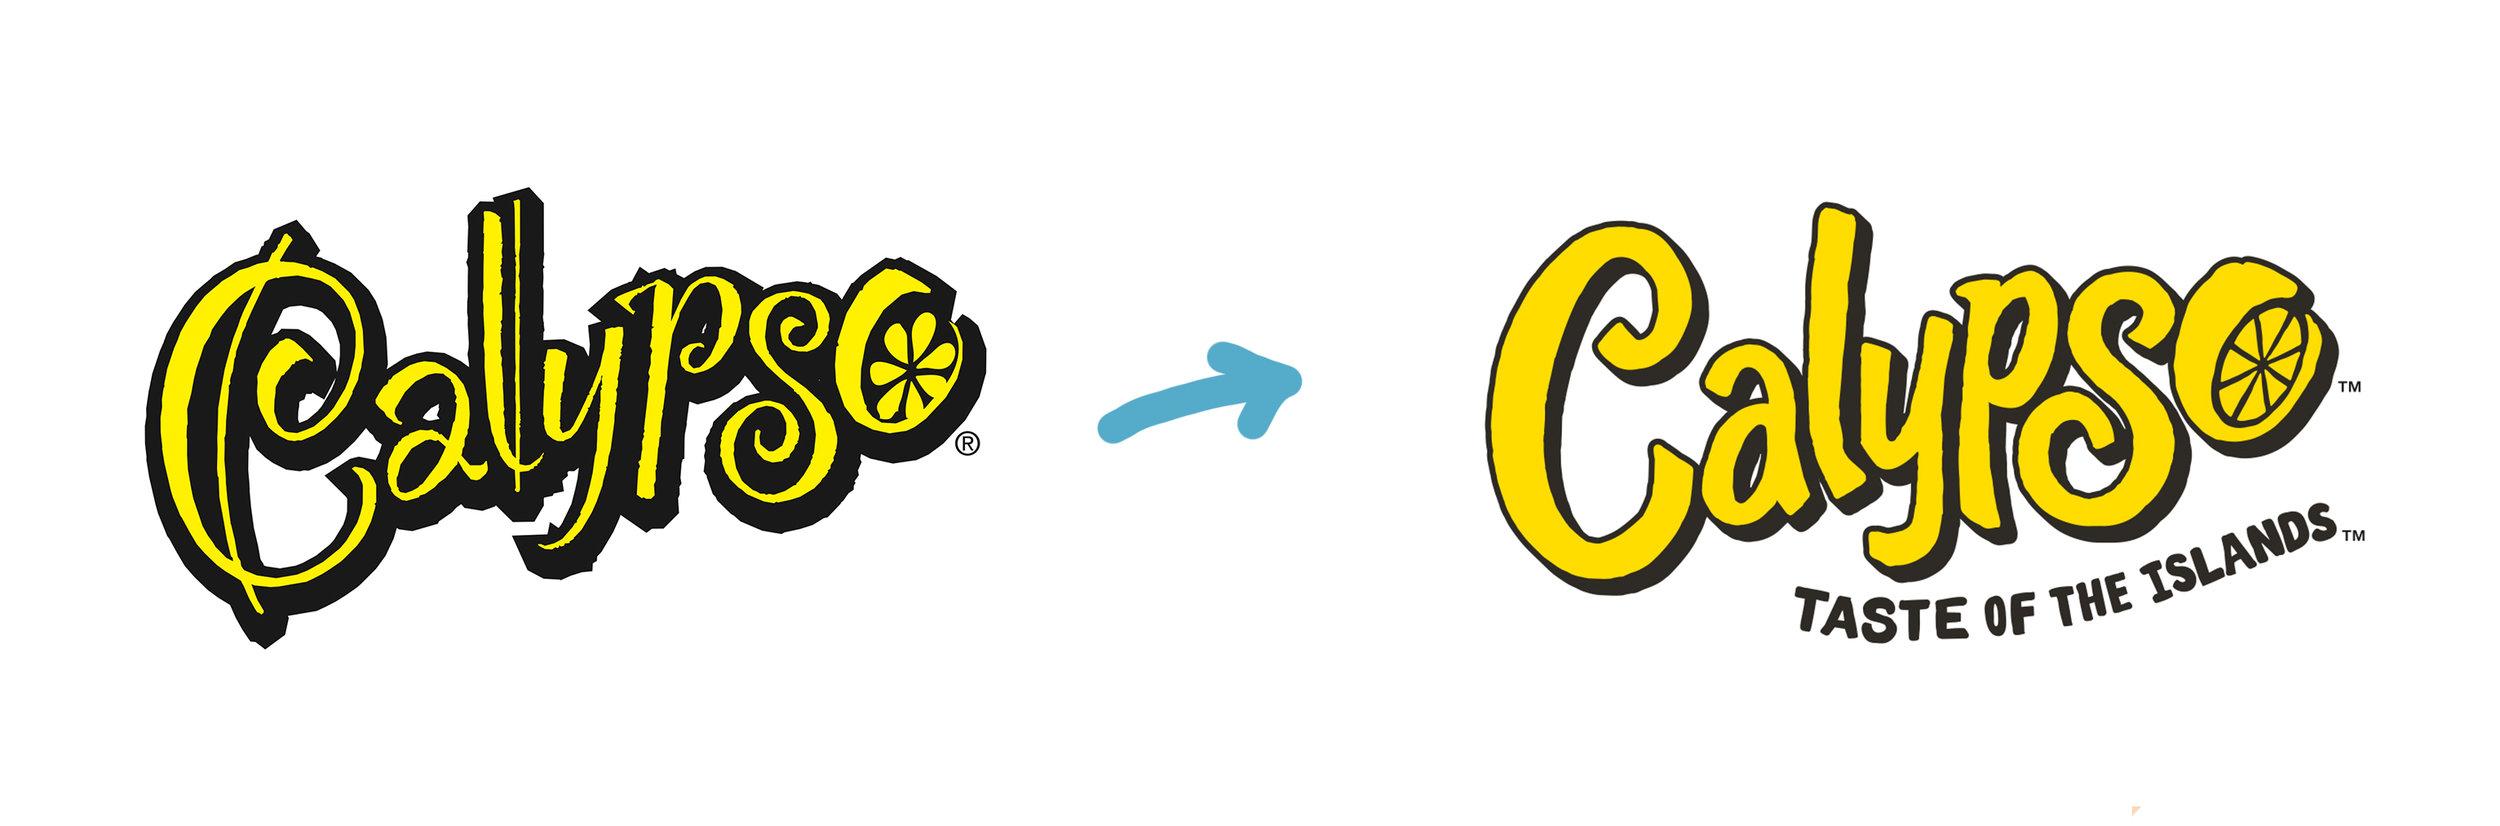 logo evolution.jpg